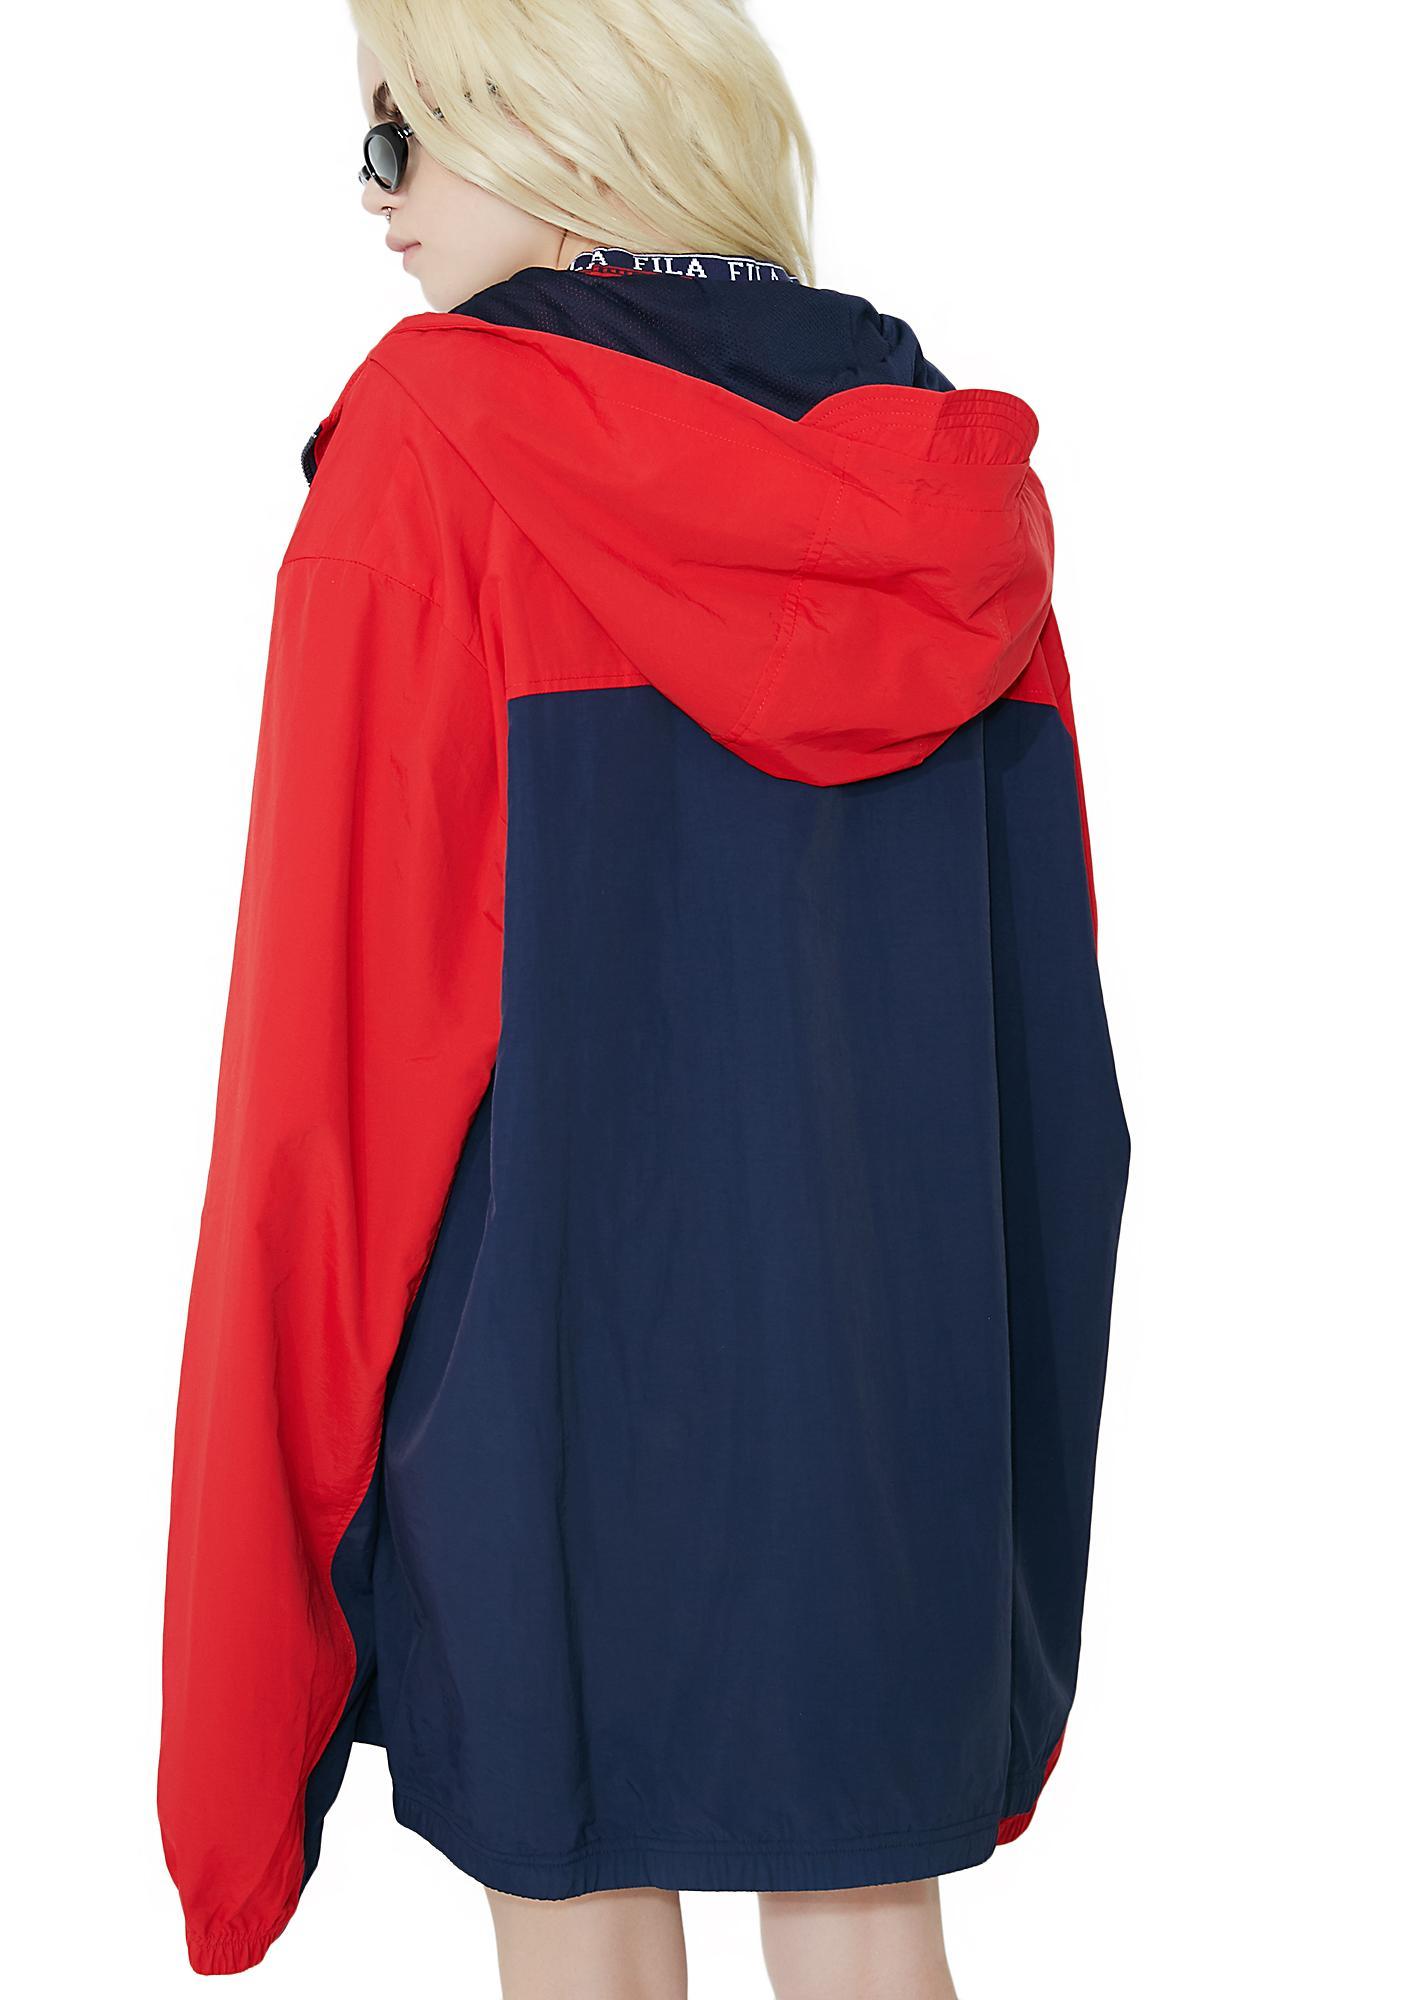 Fila Clipper Jacket